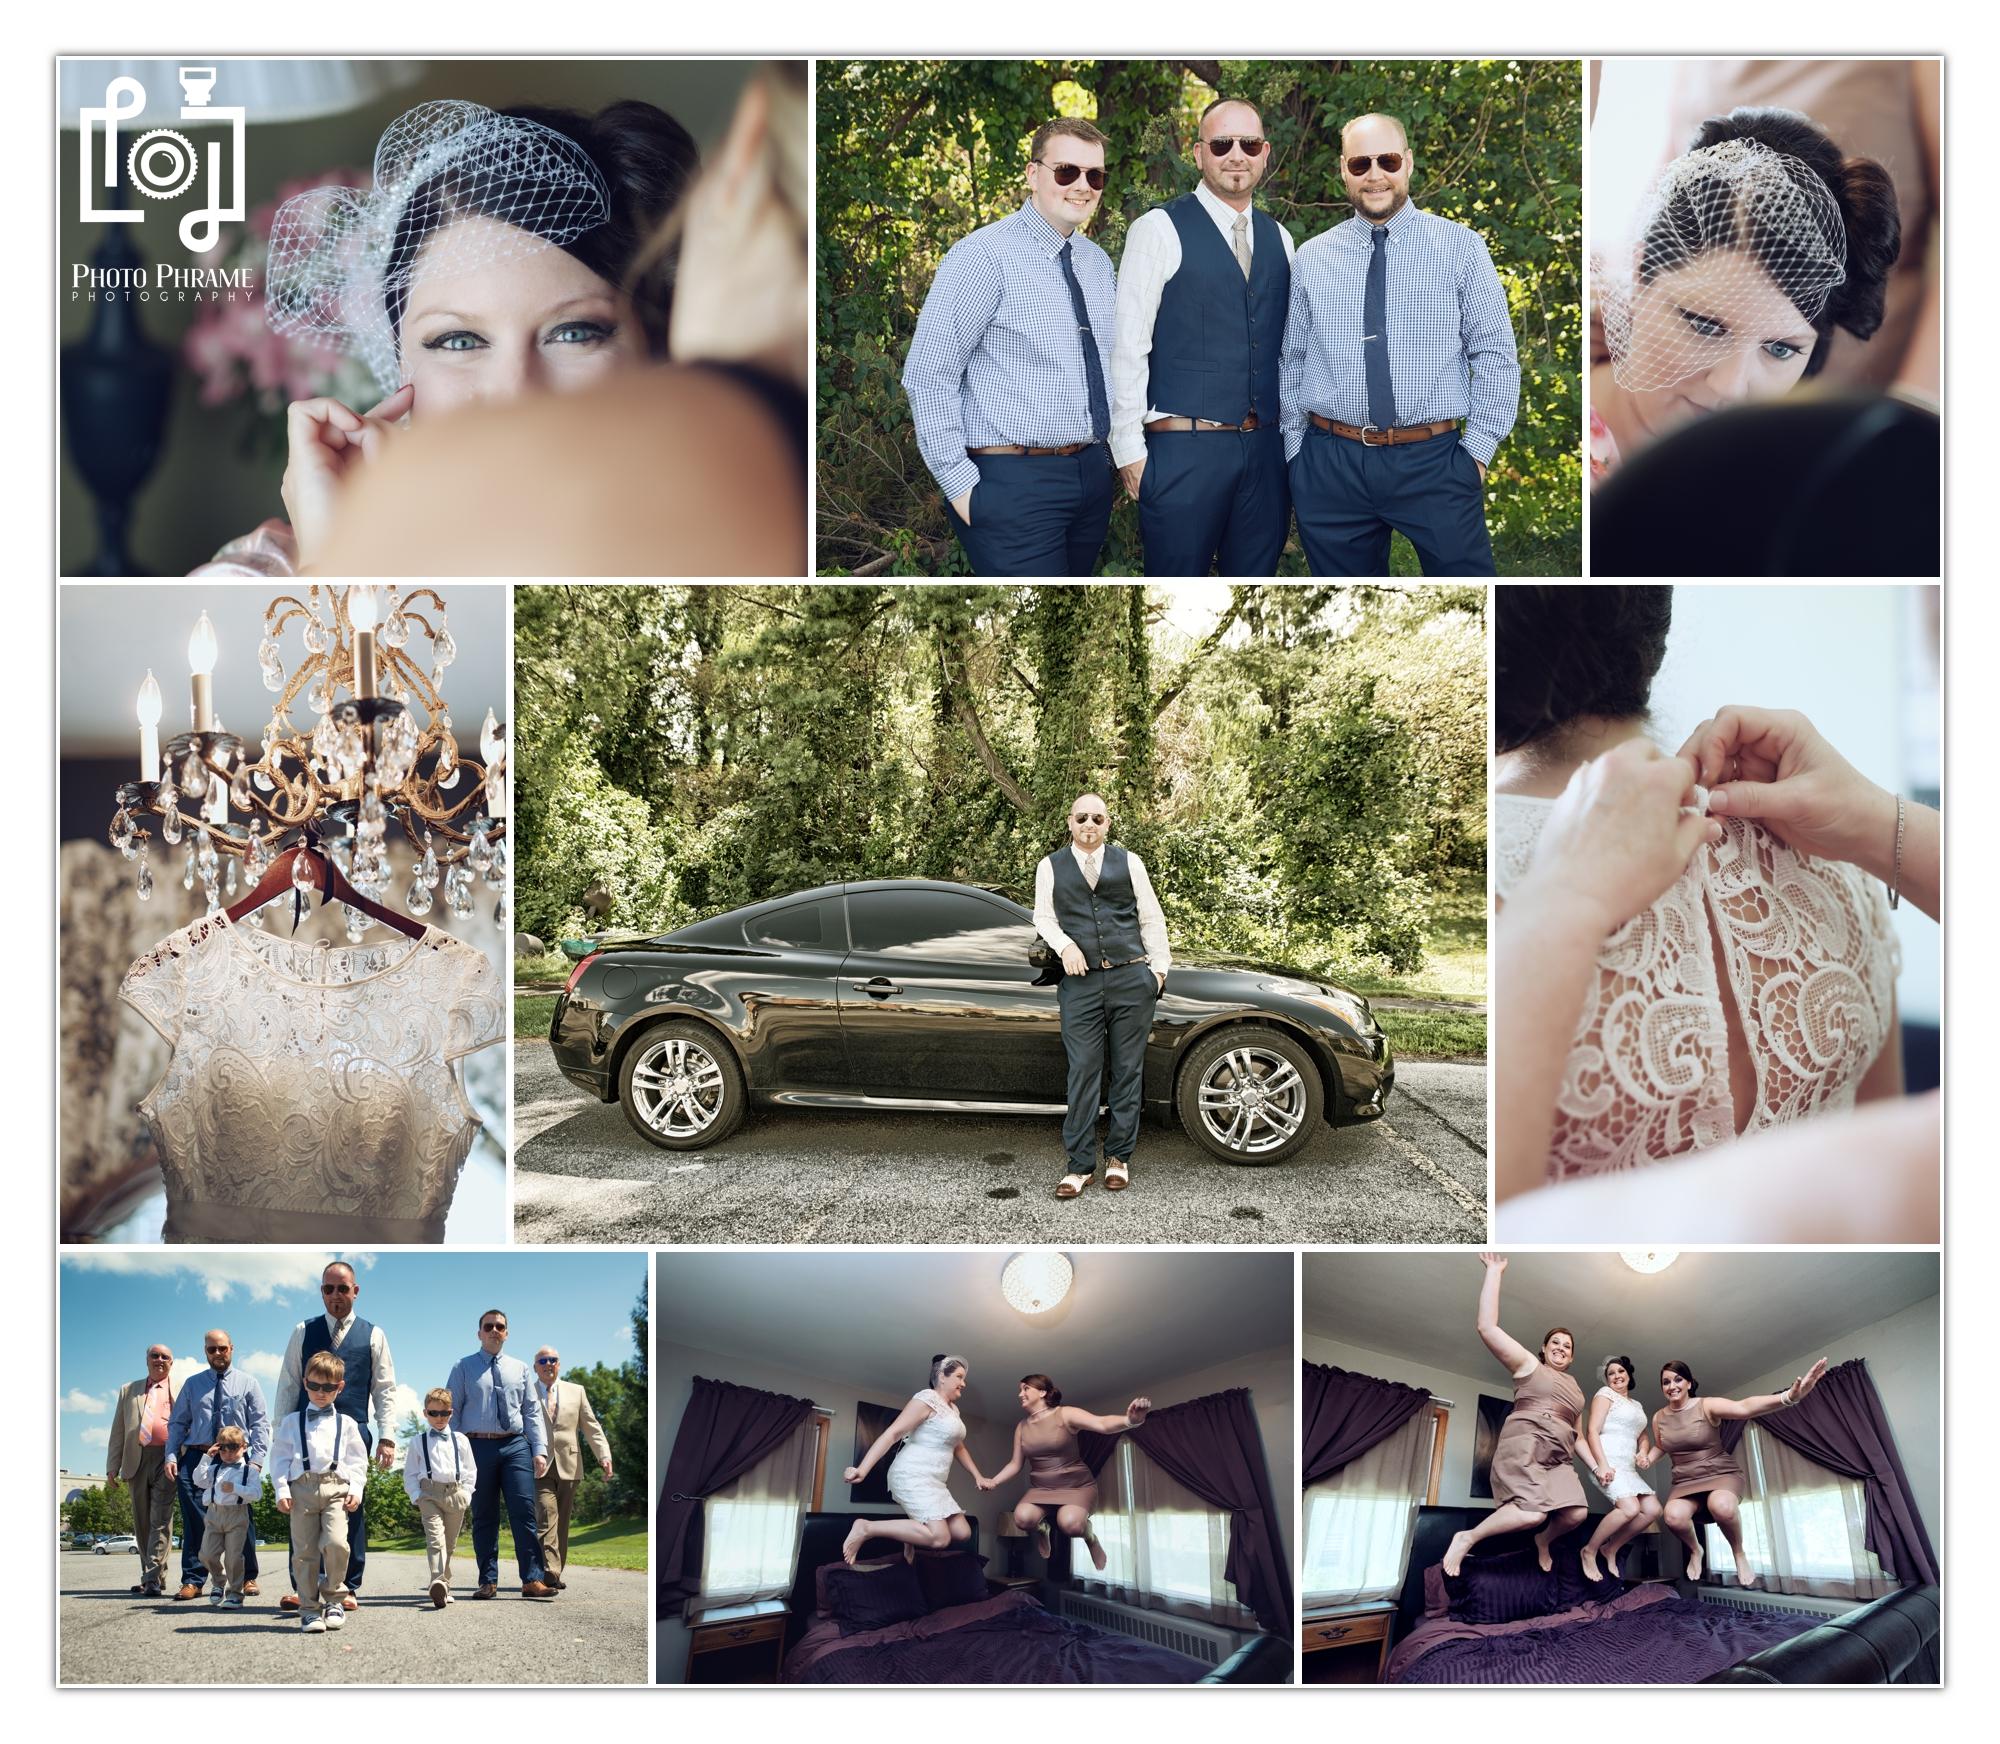 Retro Wedding Photography, Albany, NY